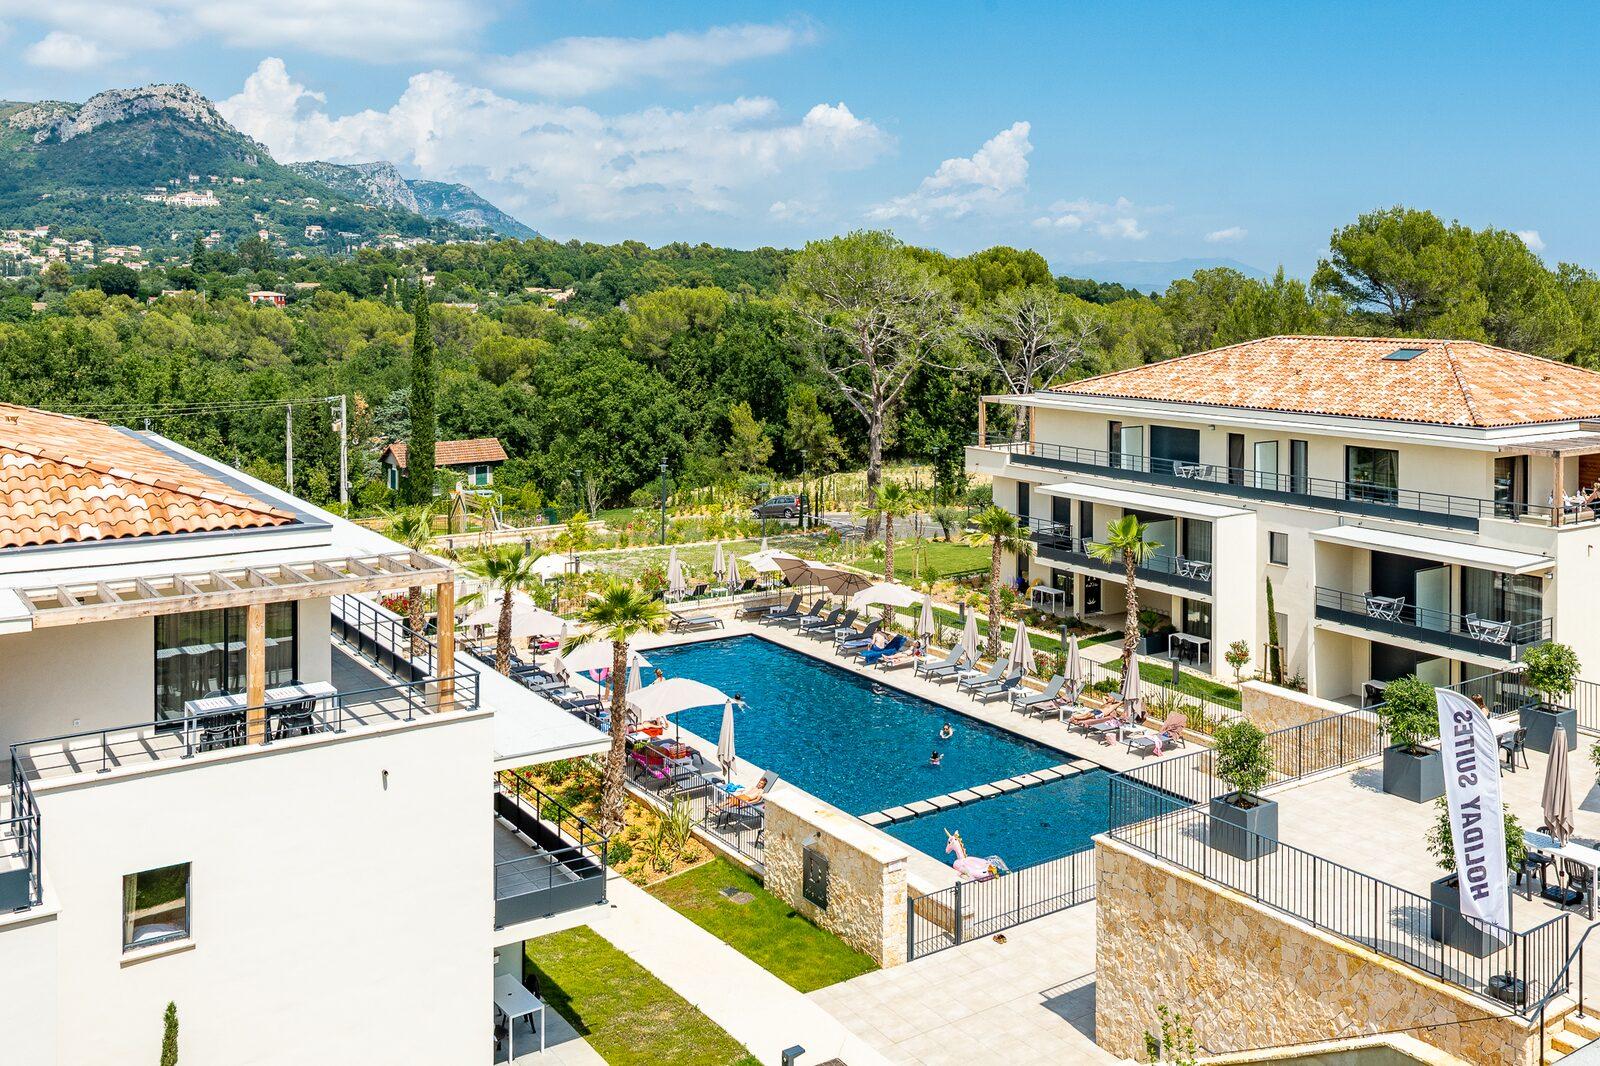 Evancy Vence Les Jardins d'Azur